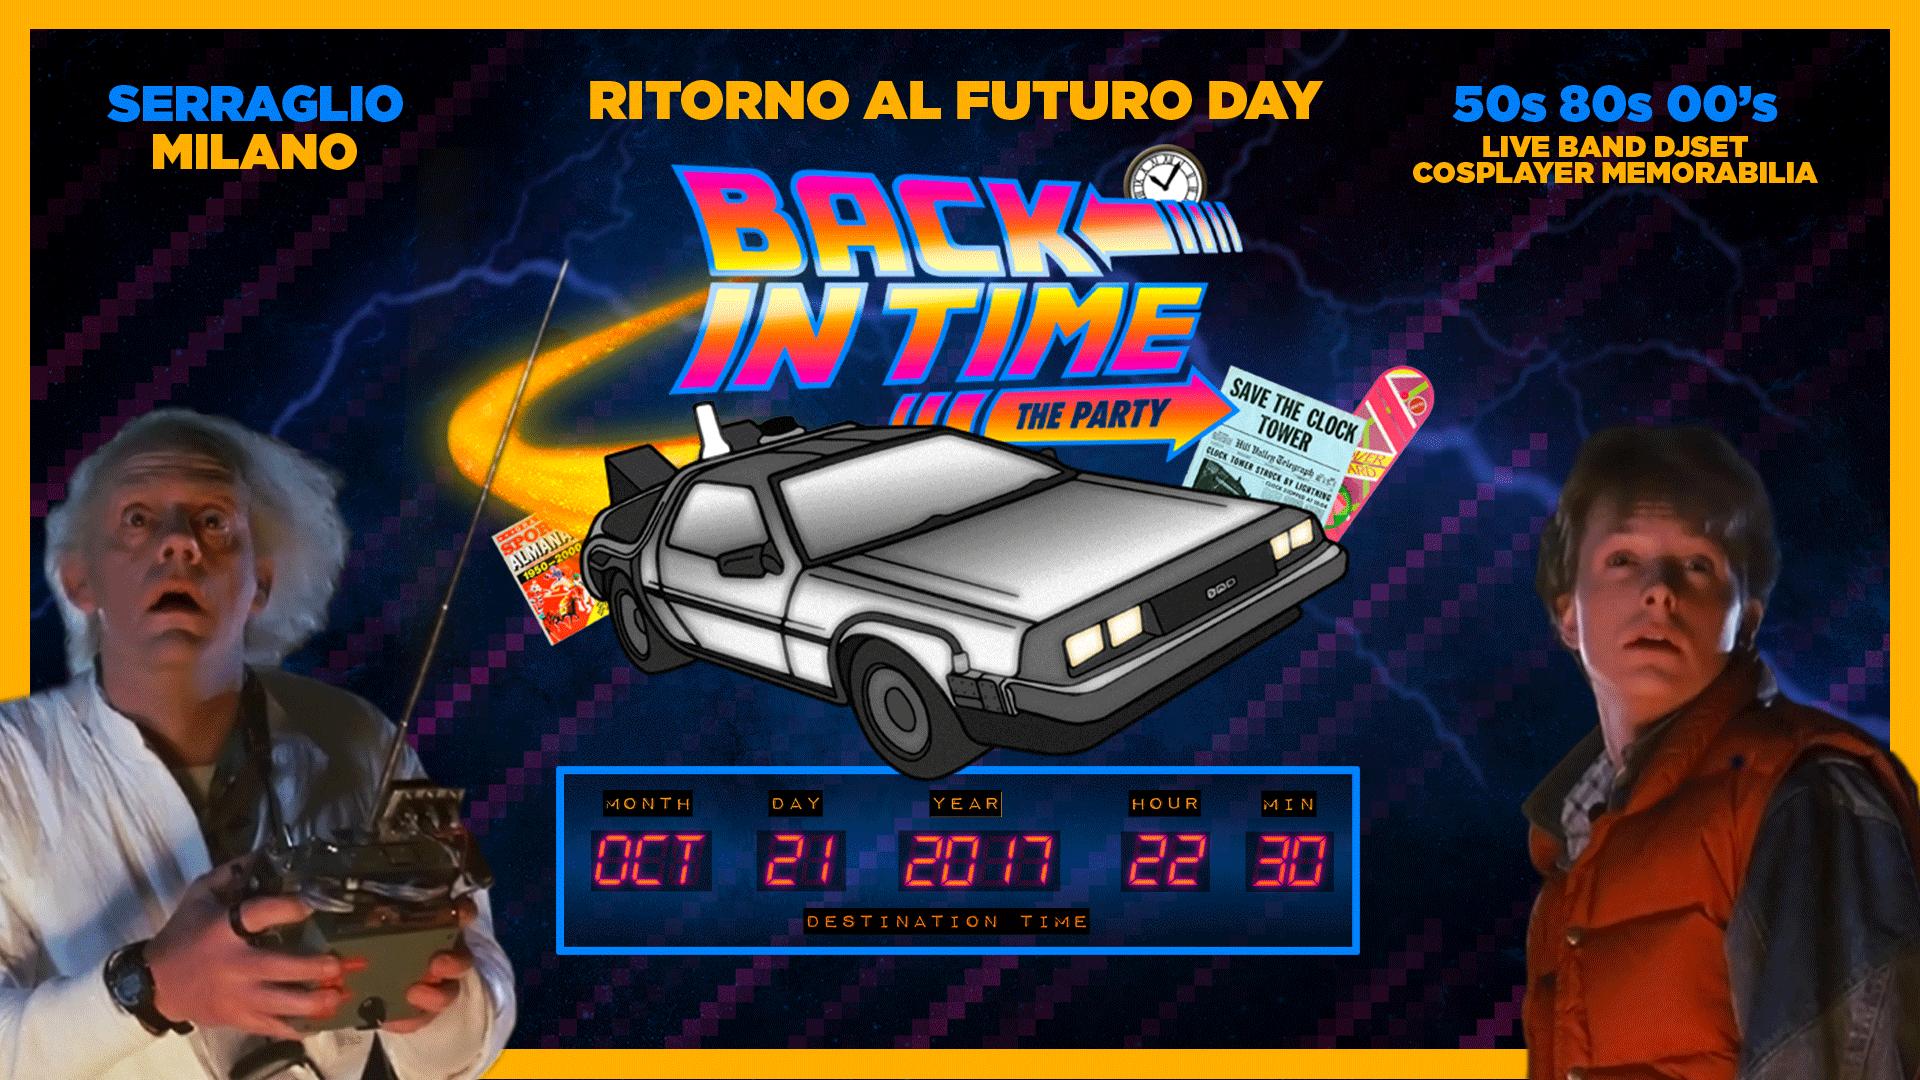 Back in Time party - Ritorno al Futuro Day | Serraglio Milano